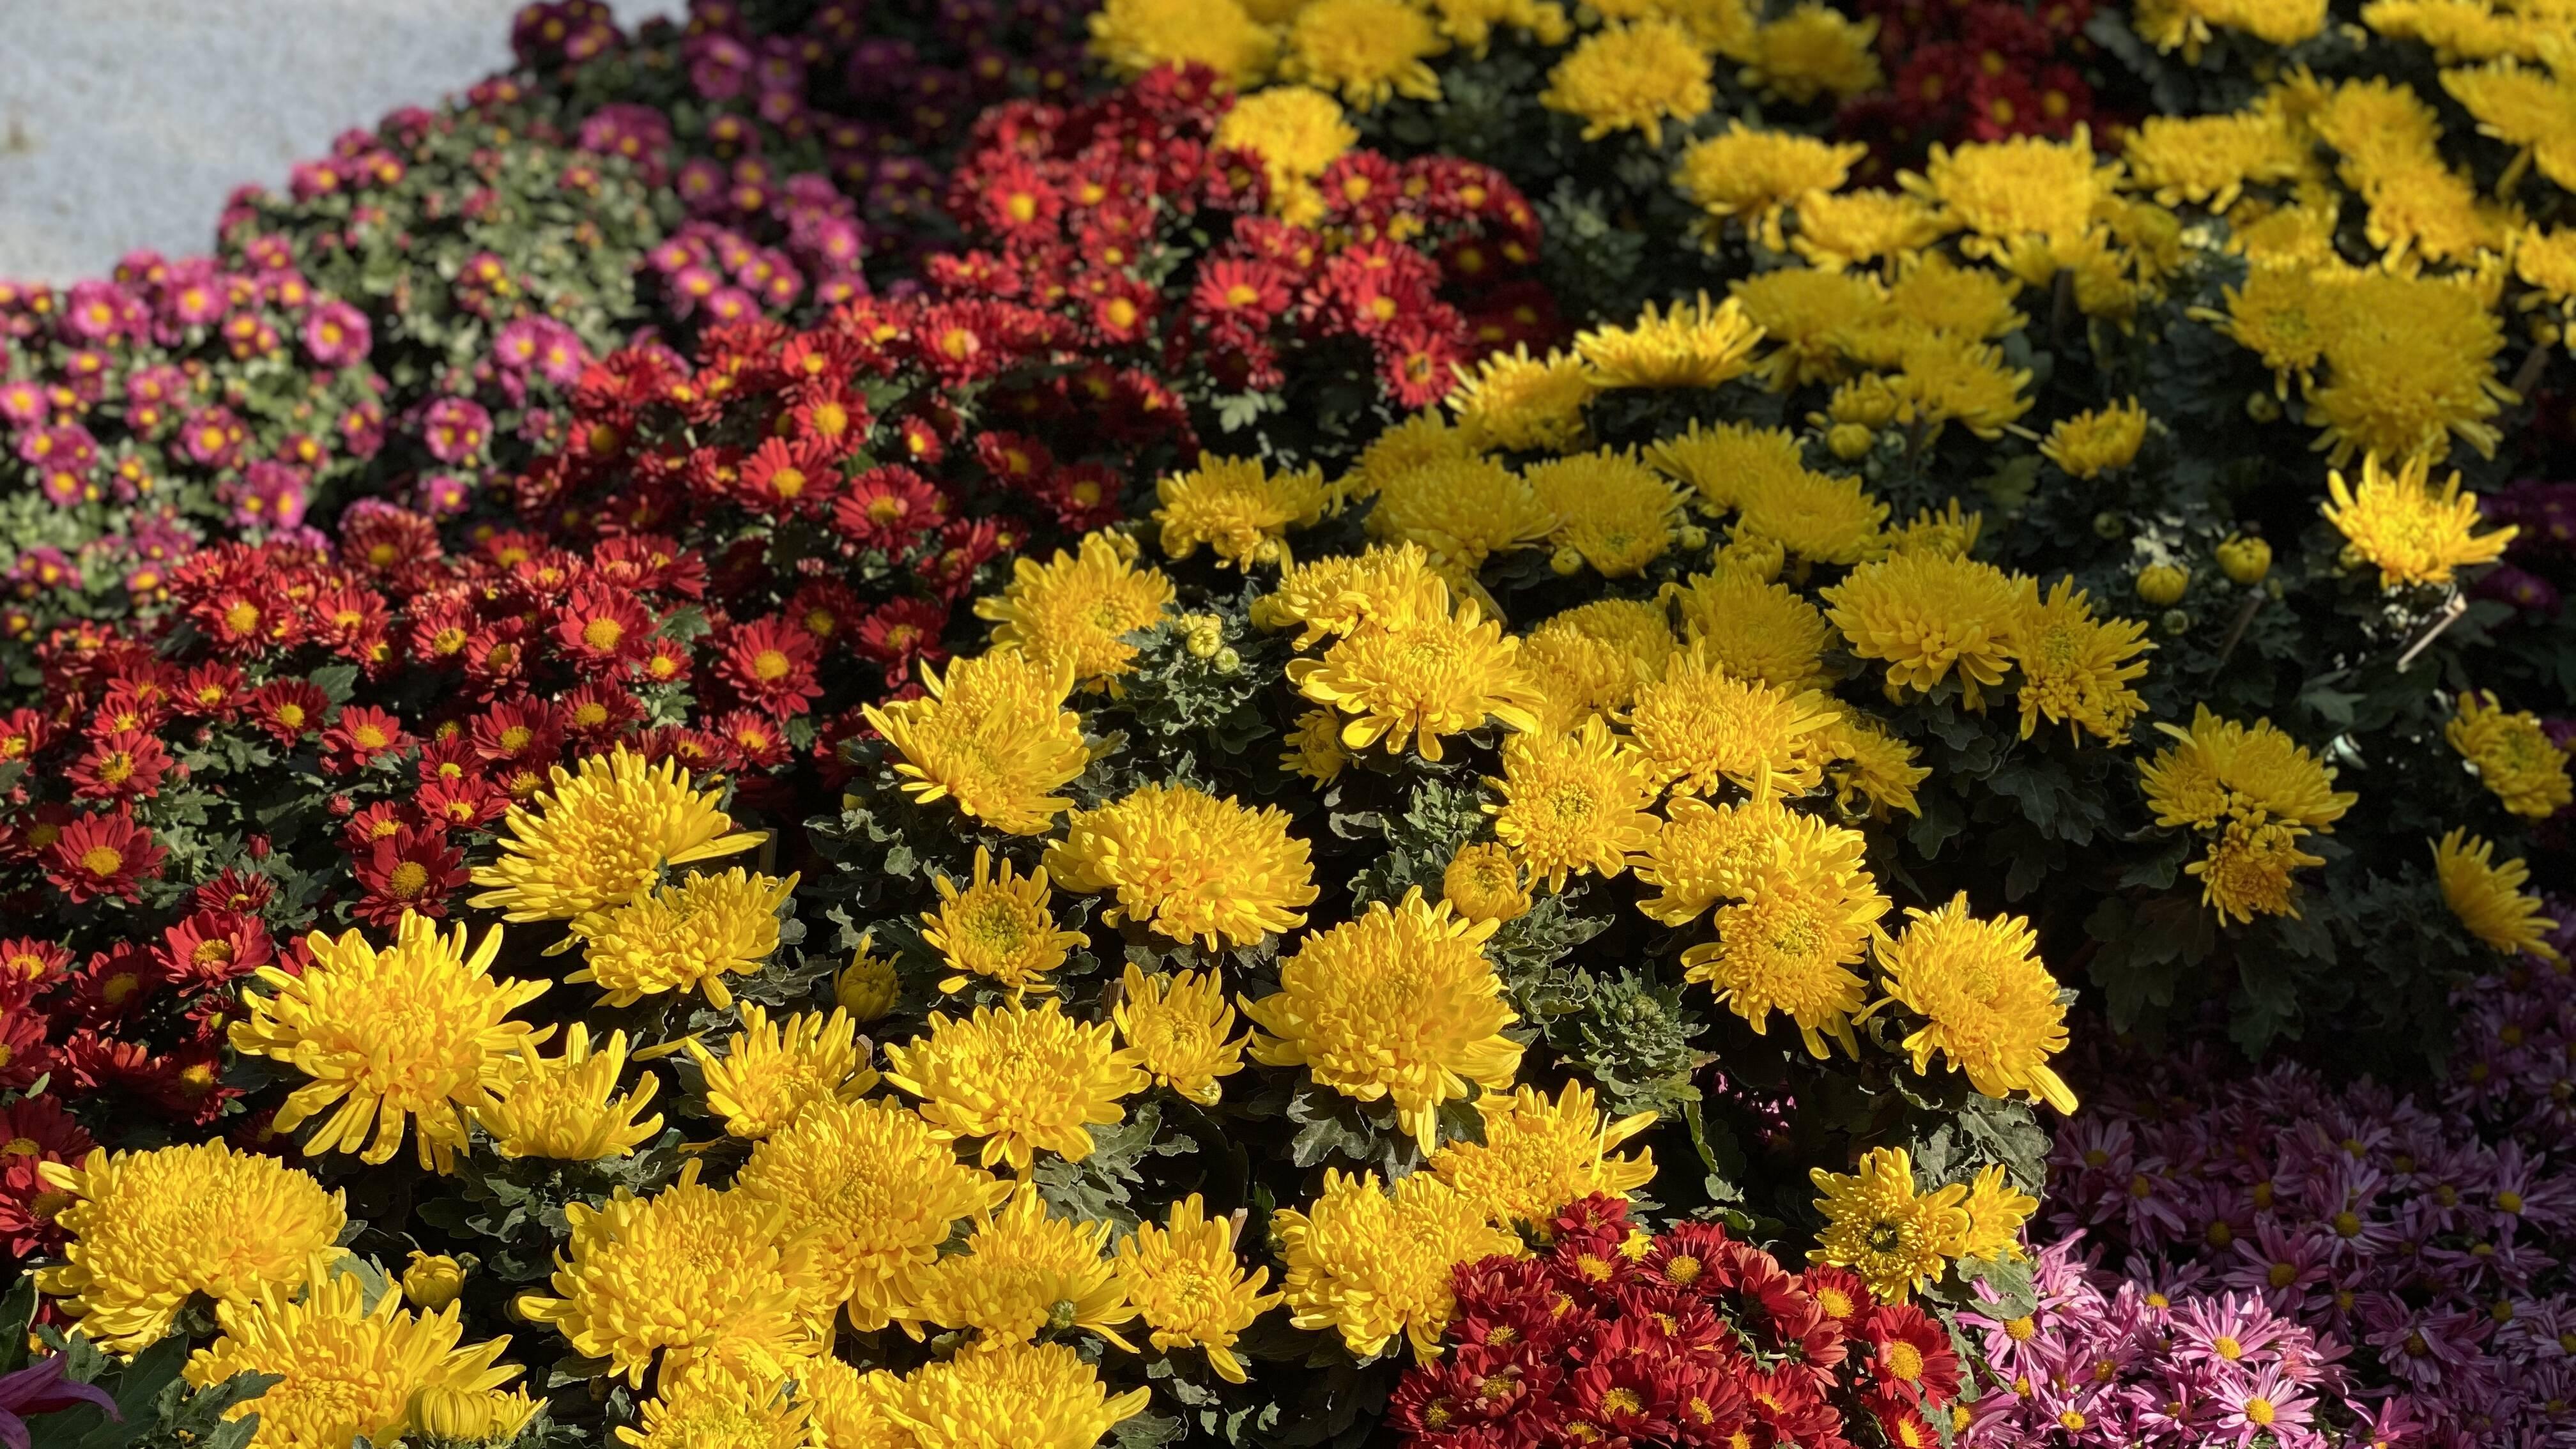 Vlog丨三种风情 九大展项 八万多盆菊花...趵突泉菊展喜迎八方来客